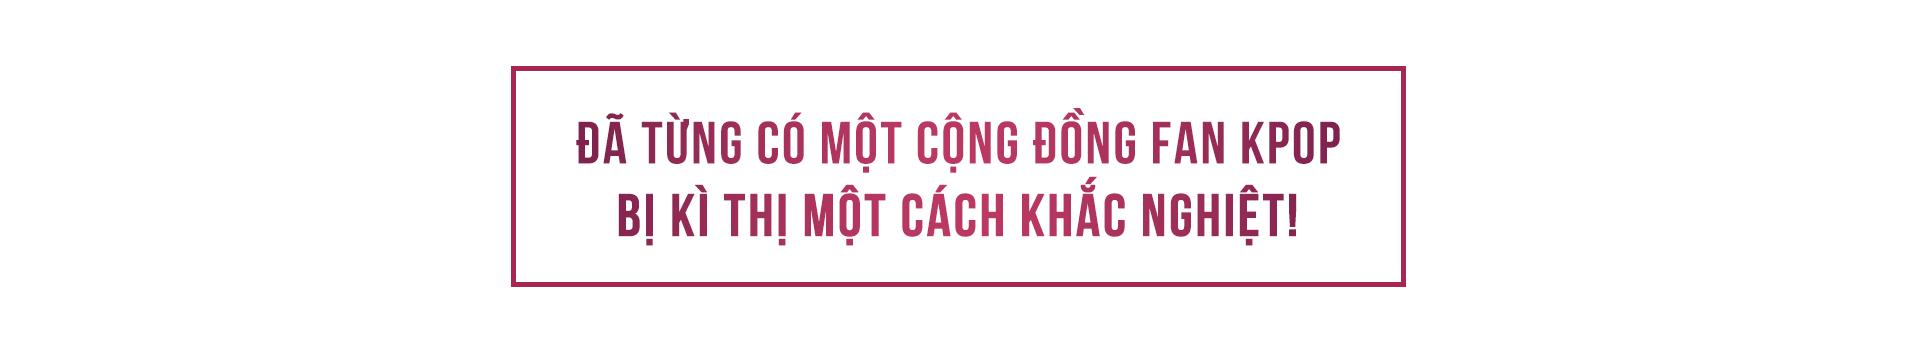 Sao Việt và fan Kpop: Mối 'nghiệt duyên' này vì sao nên nỗi?